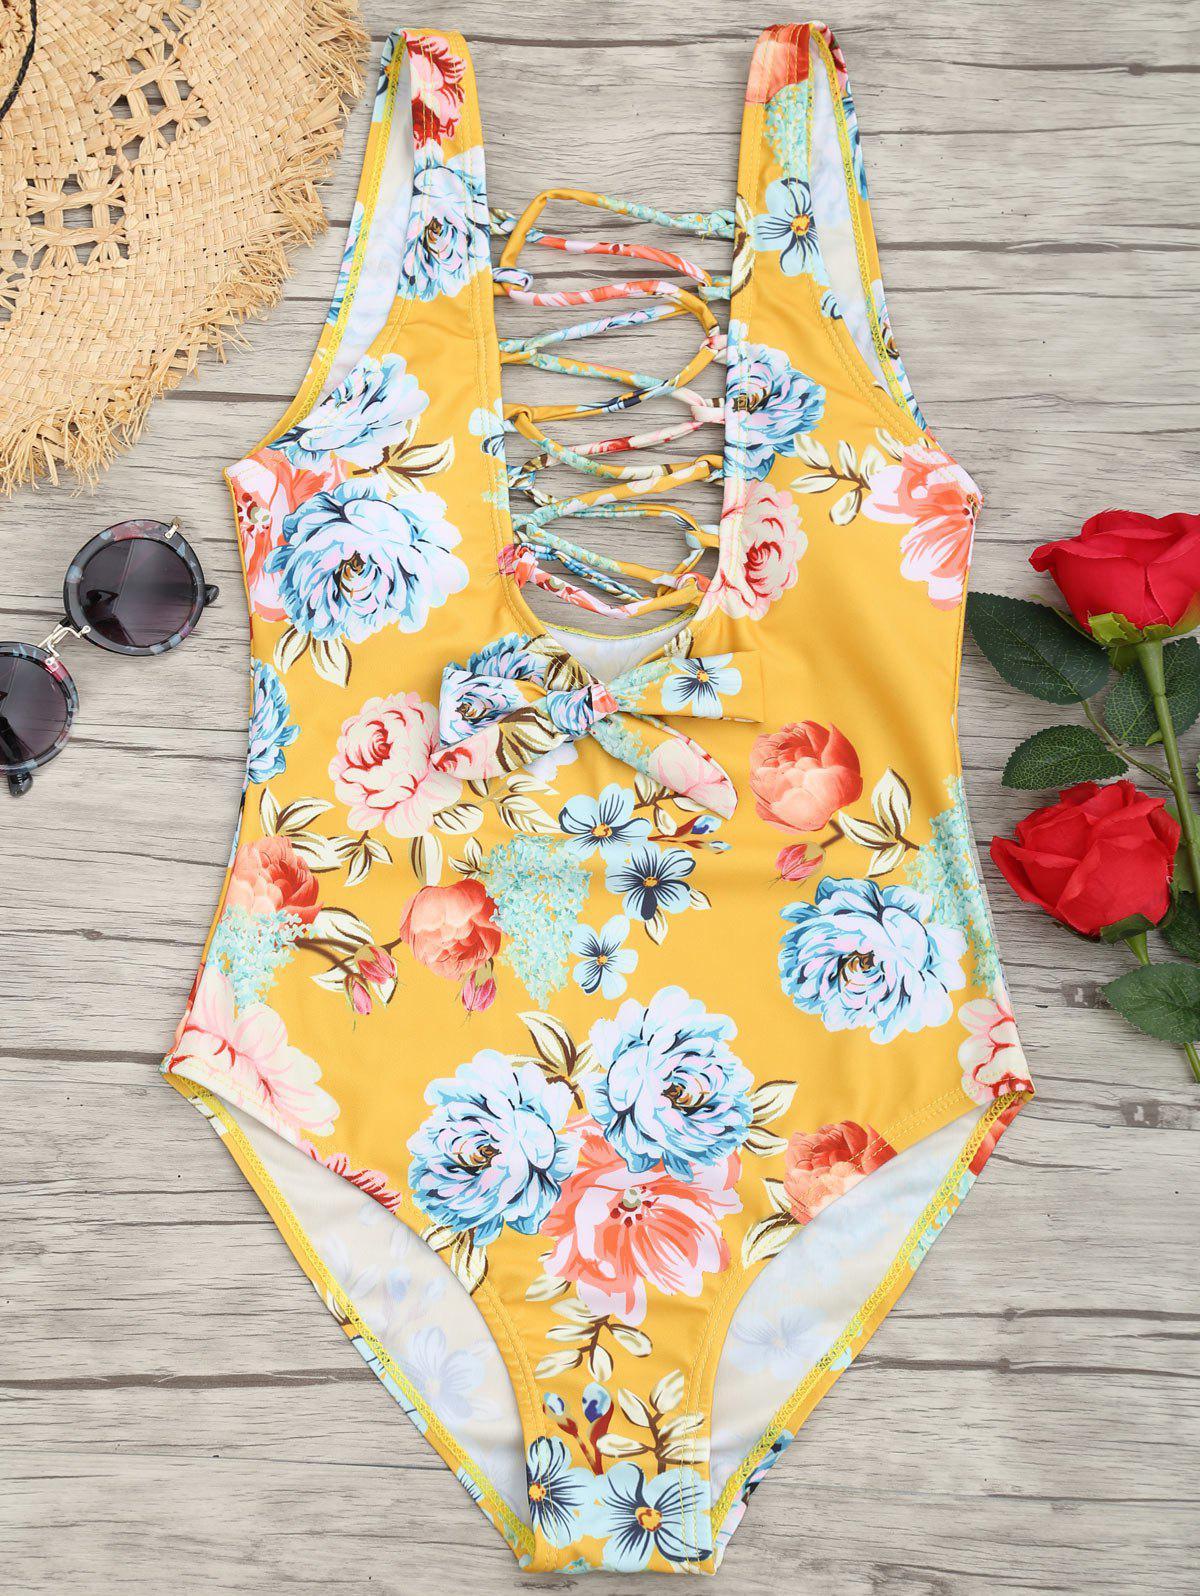 Strappy High Cut Floral Swimwear 234450001